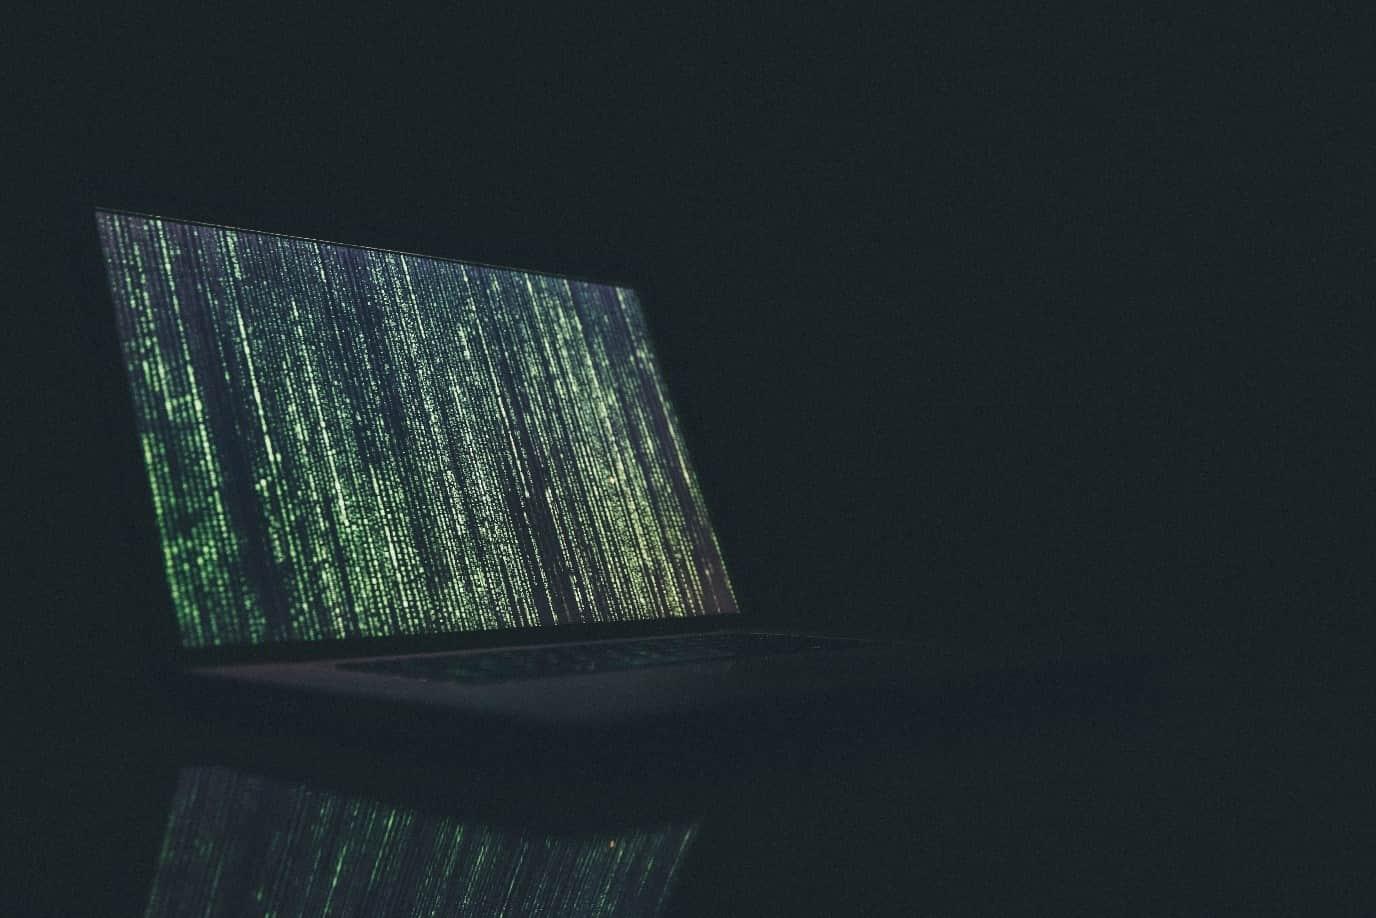 como acessar a Dark Web com segurança